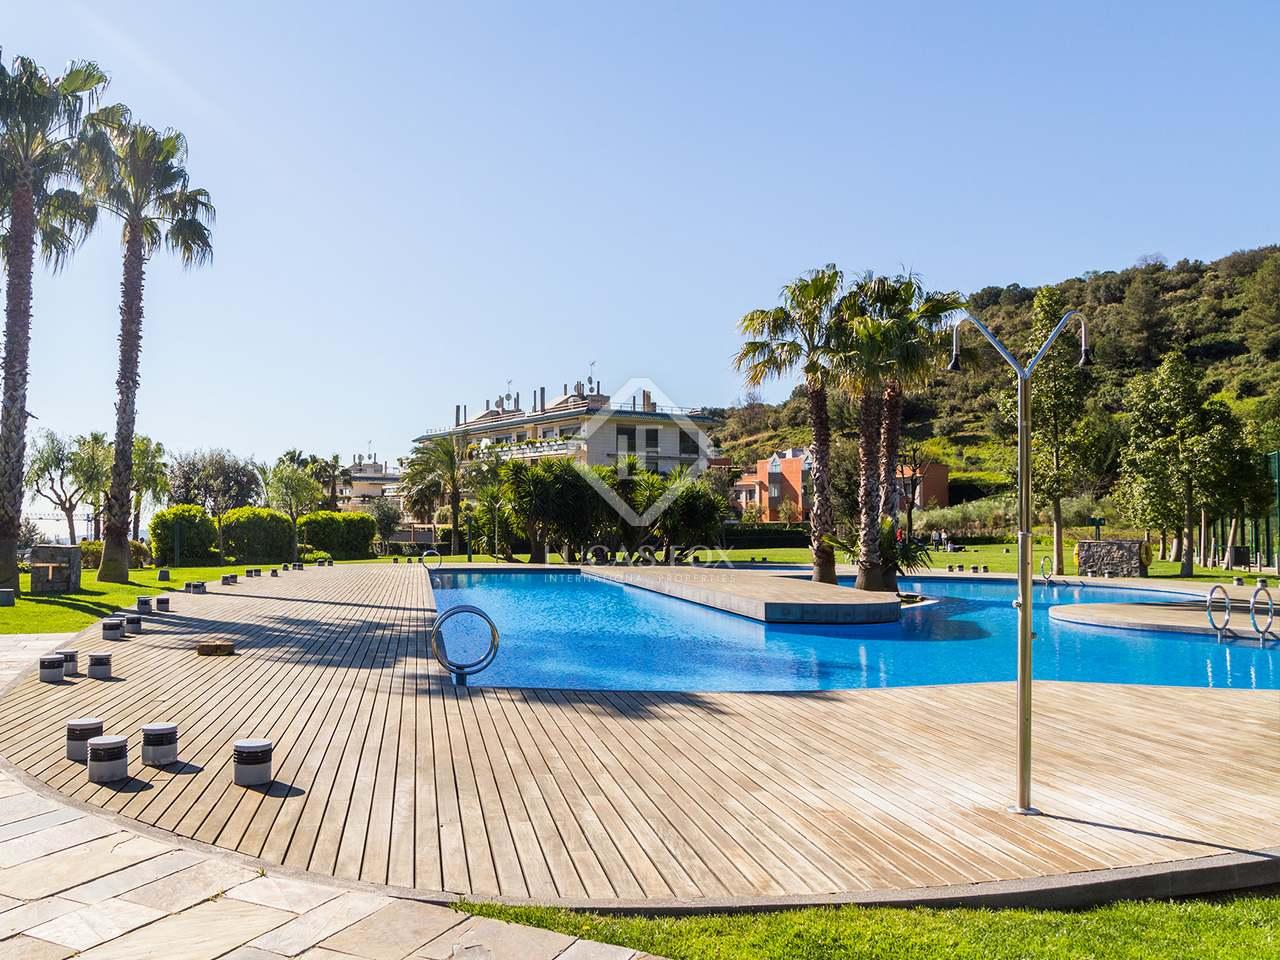 Appartement de 114m a louer sant gervasi la bonanova for Appartement a louer a barcelone avec piscine